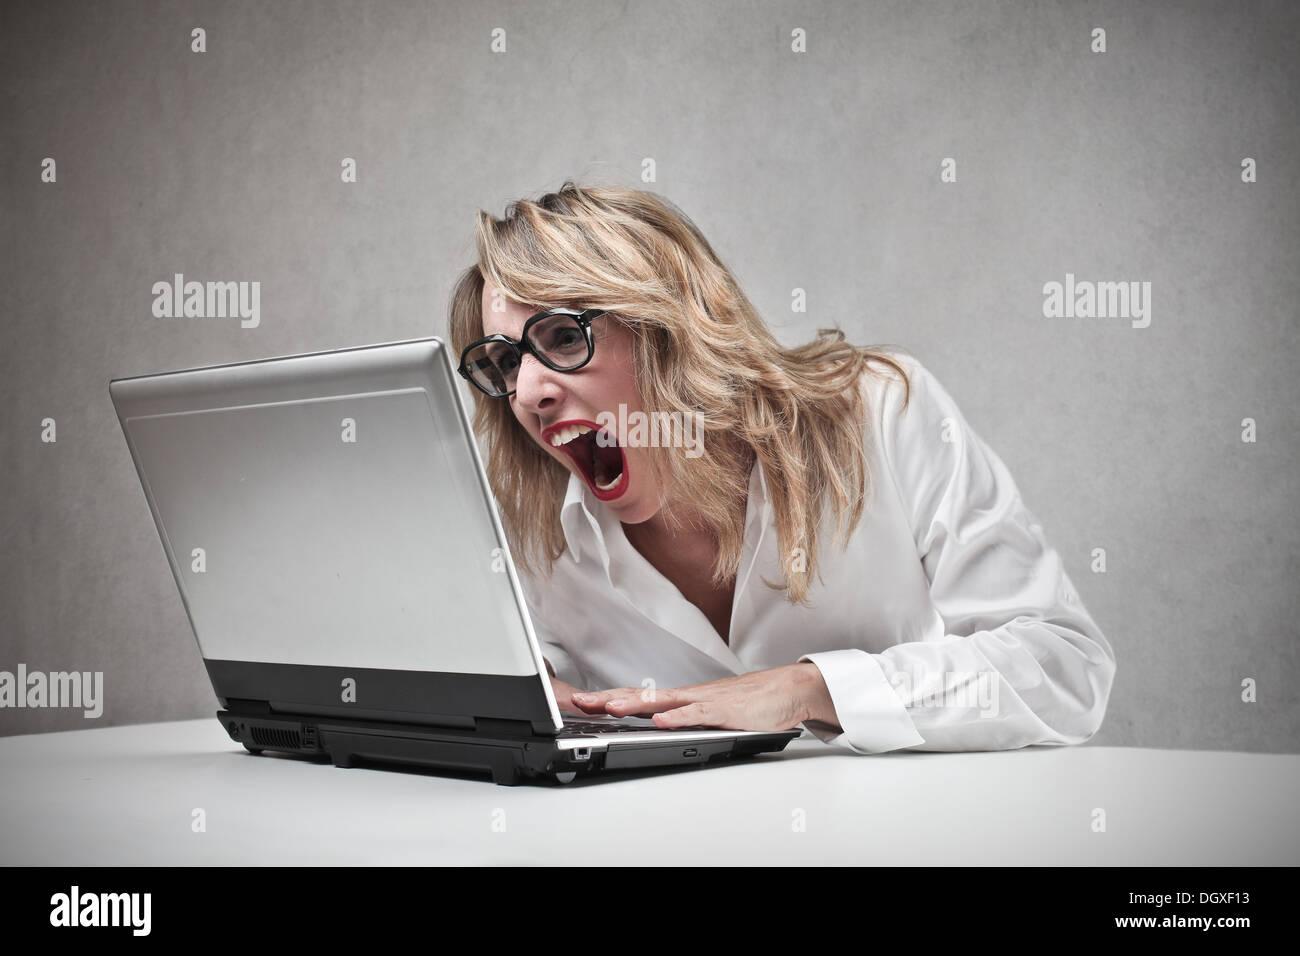 Femme blonde en colère crier contre un ordinateur portable Photo Stock